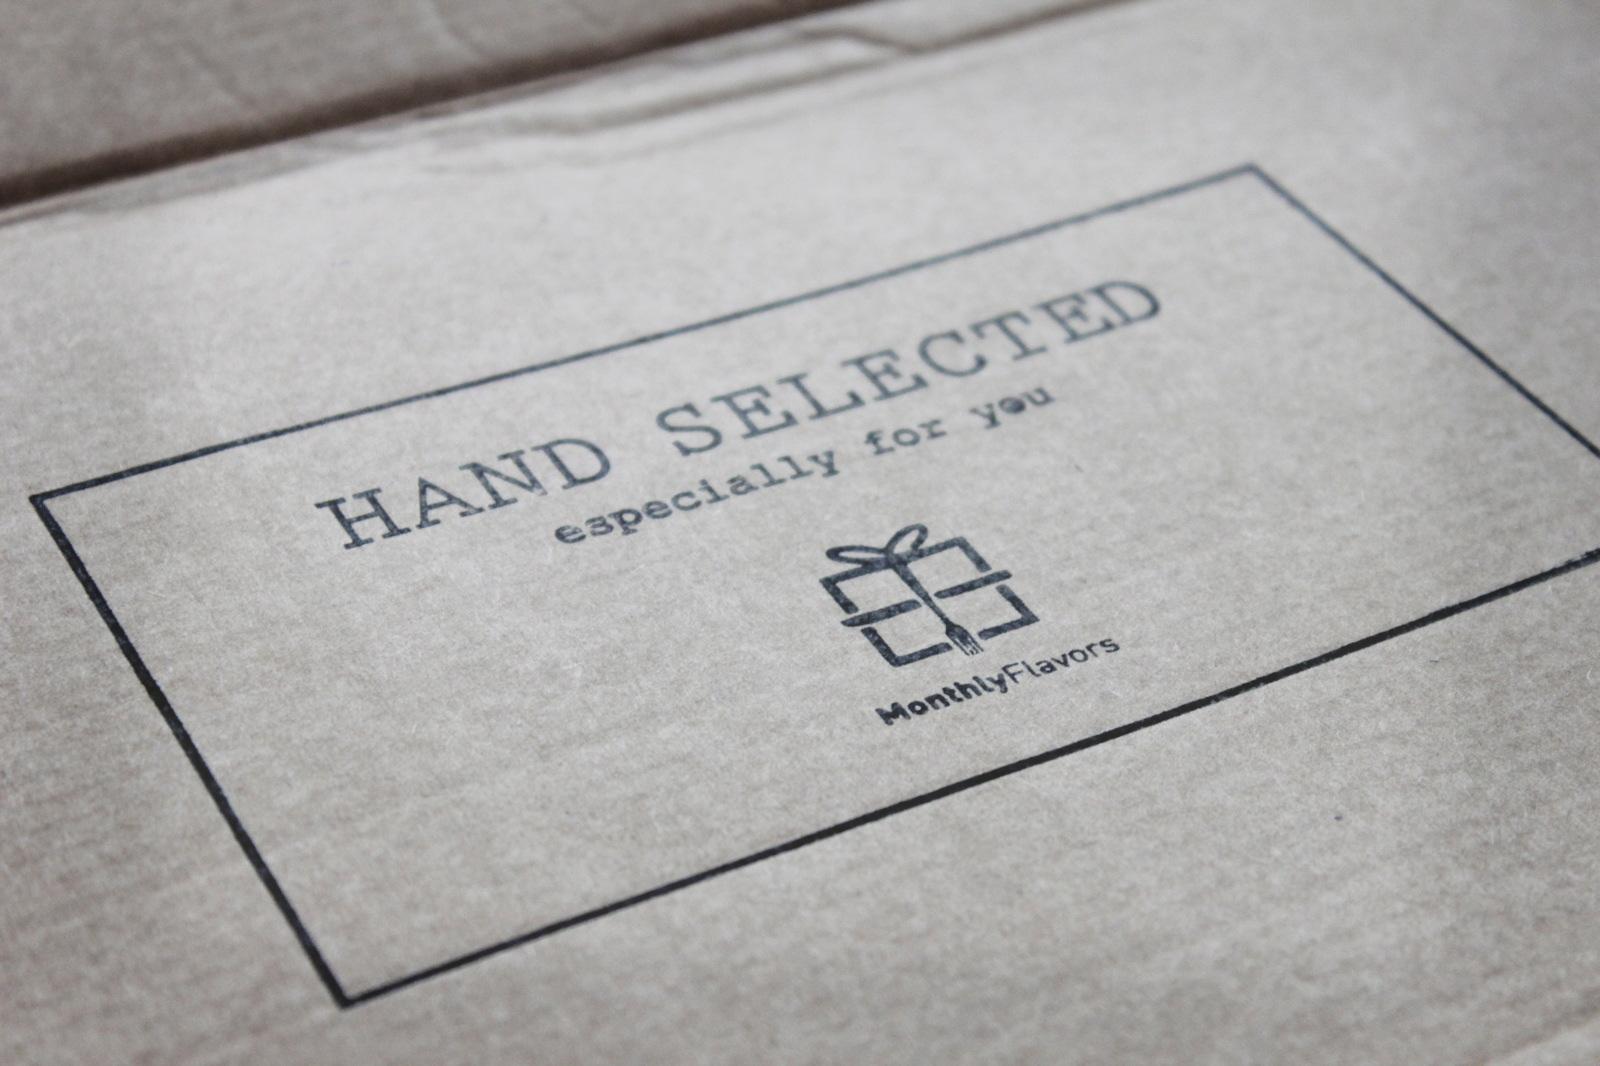 monthlyflavors-du-bist-grieche-lebensmittel-griechenland-002-hand-selected-box